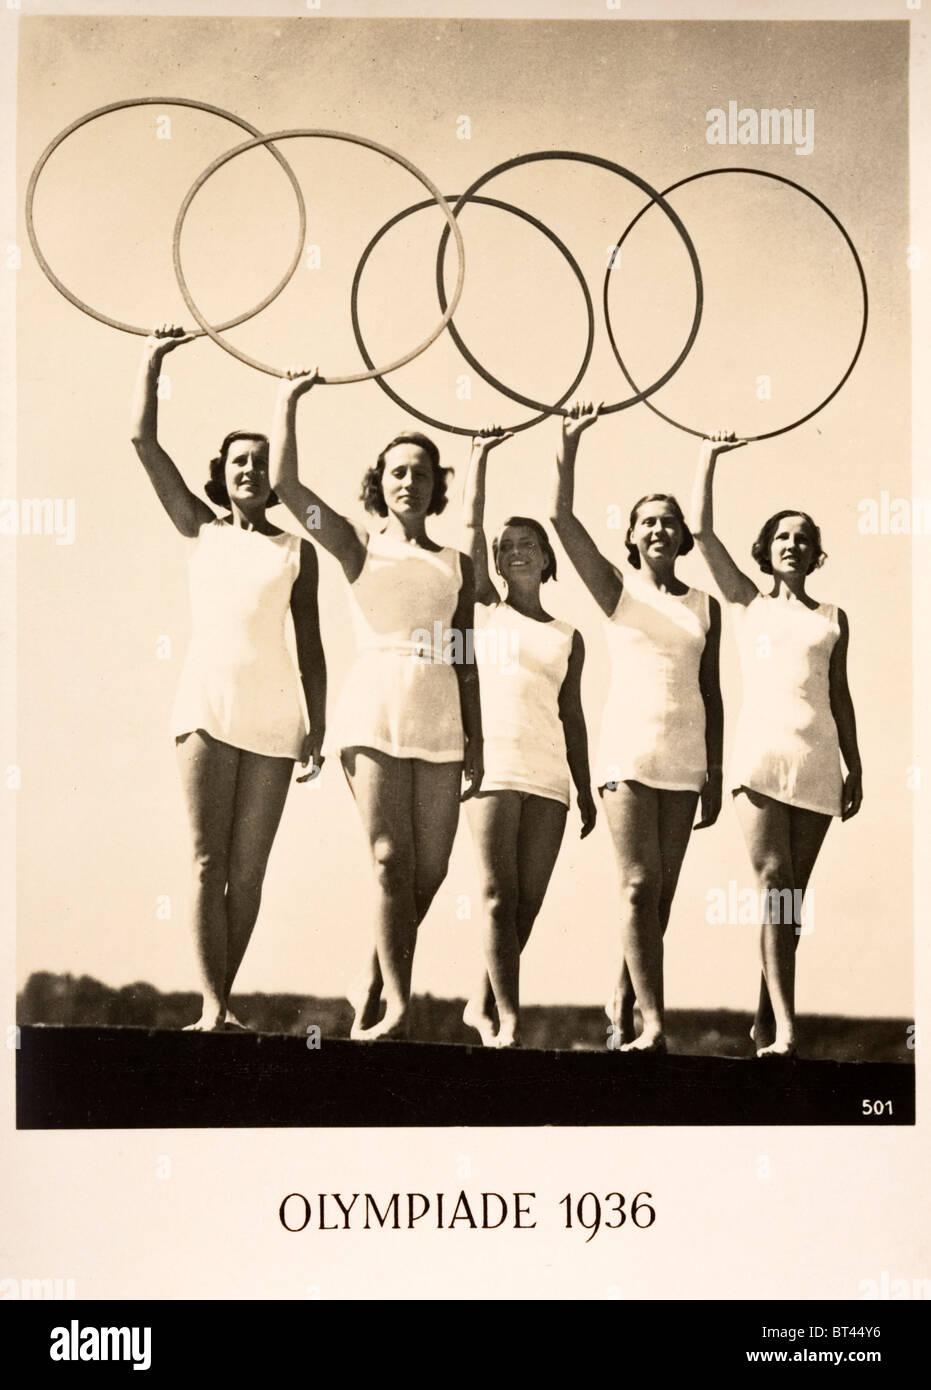 Olympiade 1936. Carte postale publicitaire pour les Jeux Olympiques de 1936 à Berlin. Cinq femmes en tenant Photo Stock